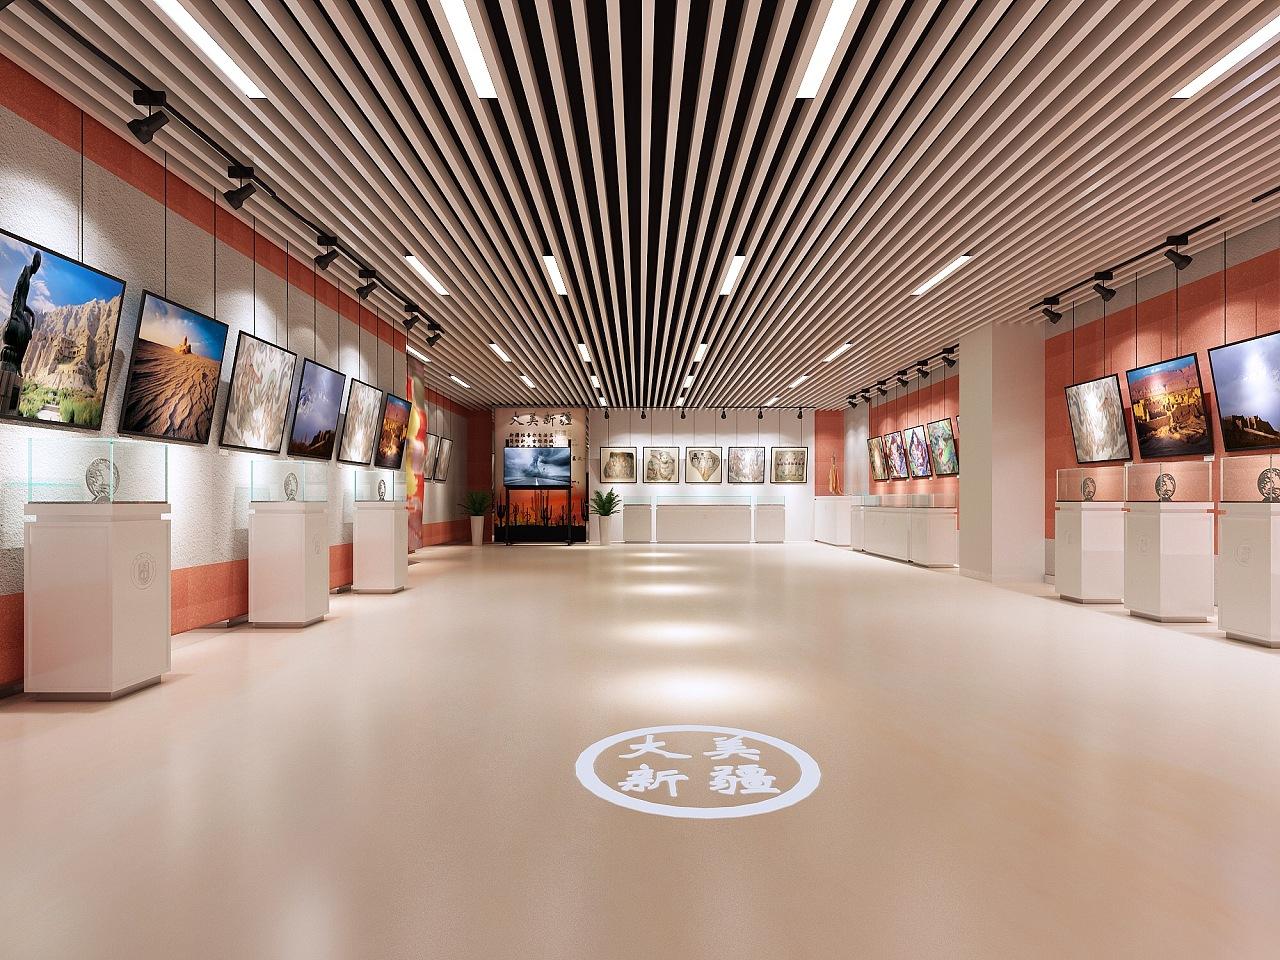 大美新疆-校园展示|空间|展示设计 |李姗珊 - 原创图片